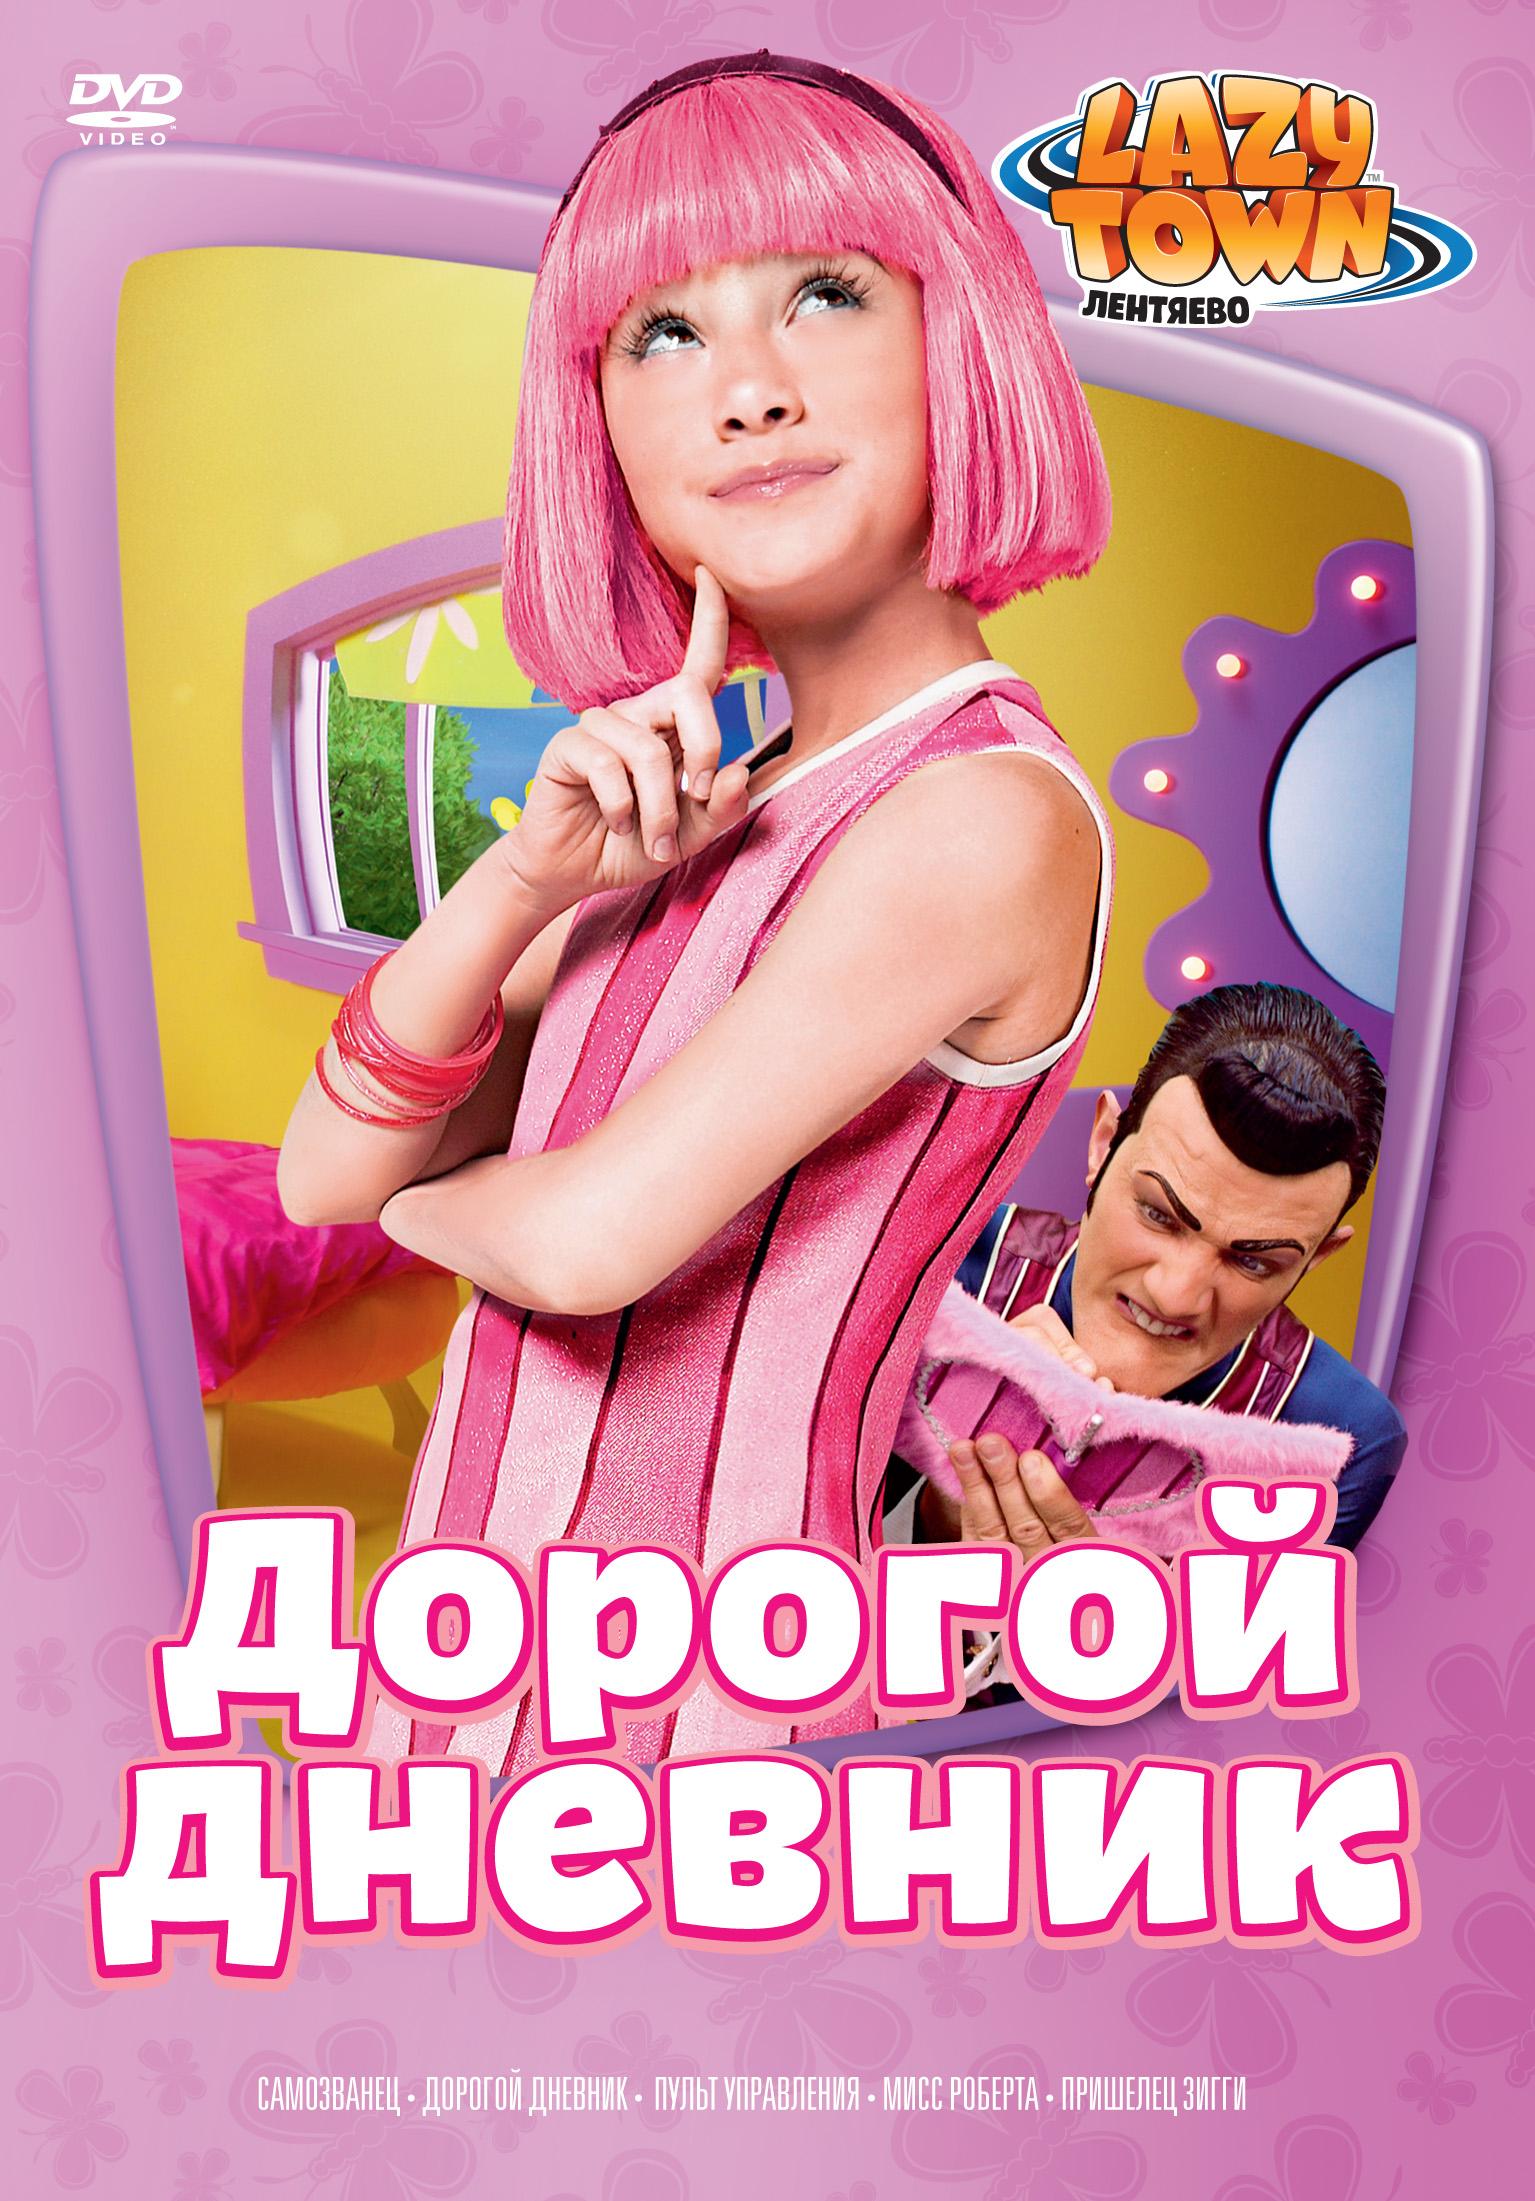 Стефани лентяево взрослая 11 фотография